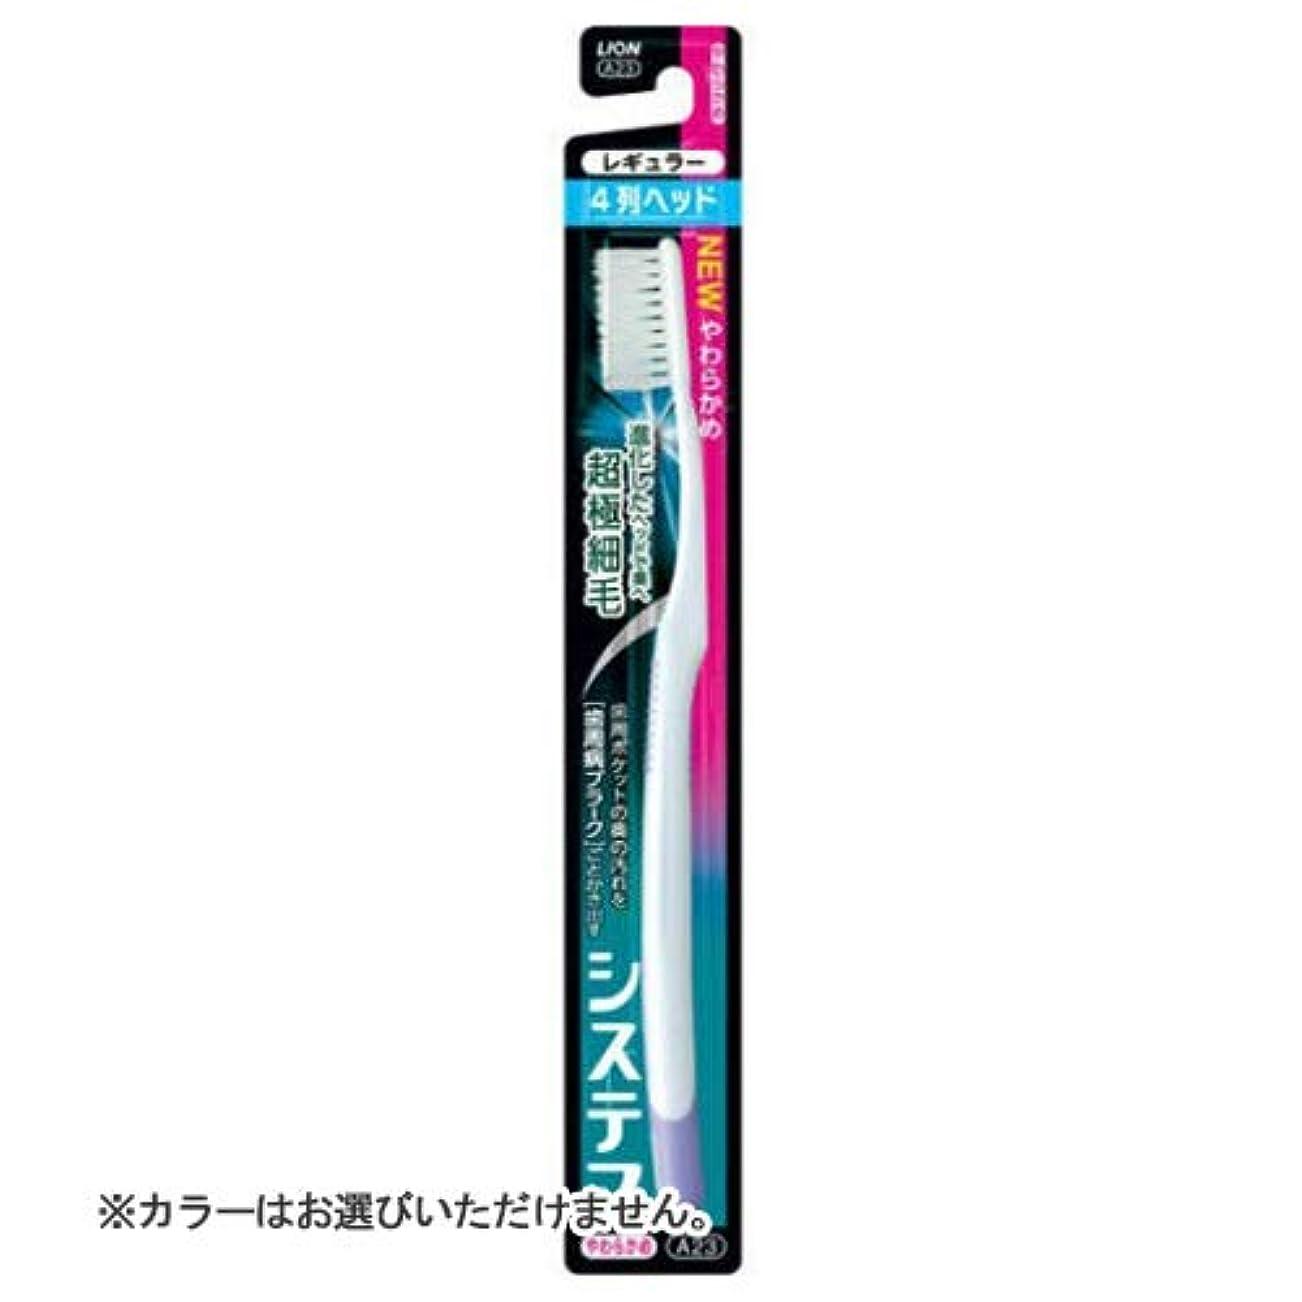 不満確立つらいライオン システマ ハブラシ レギュラー4列 やわらかめ (1本) 大人用 歯ブラシ